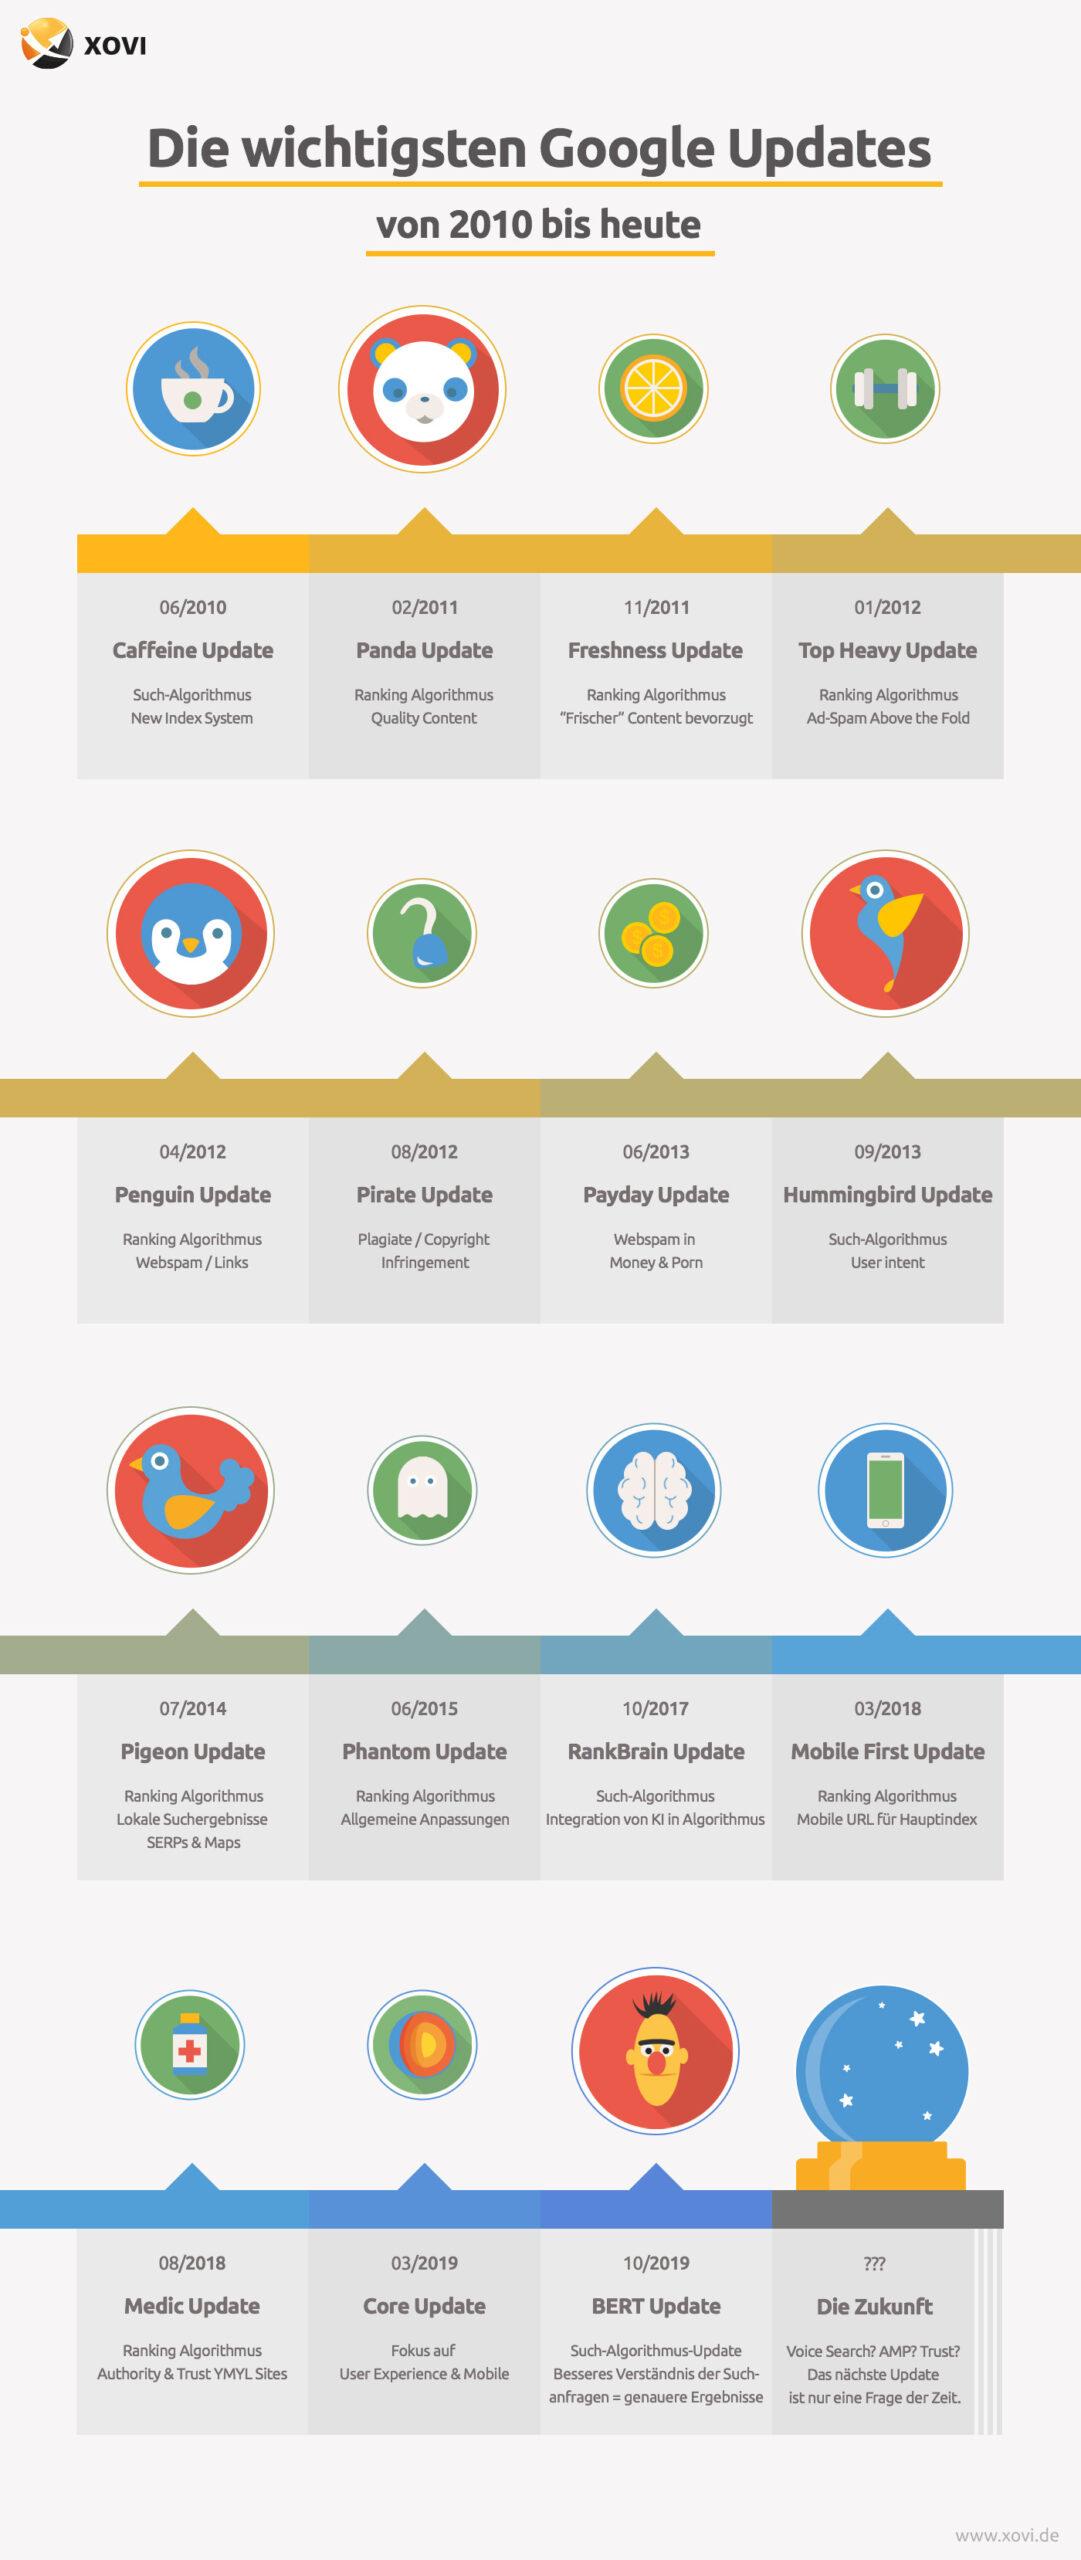 Zeitstrahl mit den wichtigsten Google-Updates und ihren Auswirkungen für SEOs